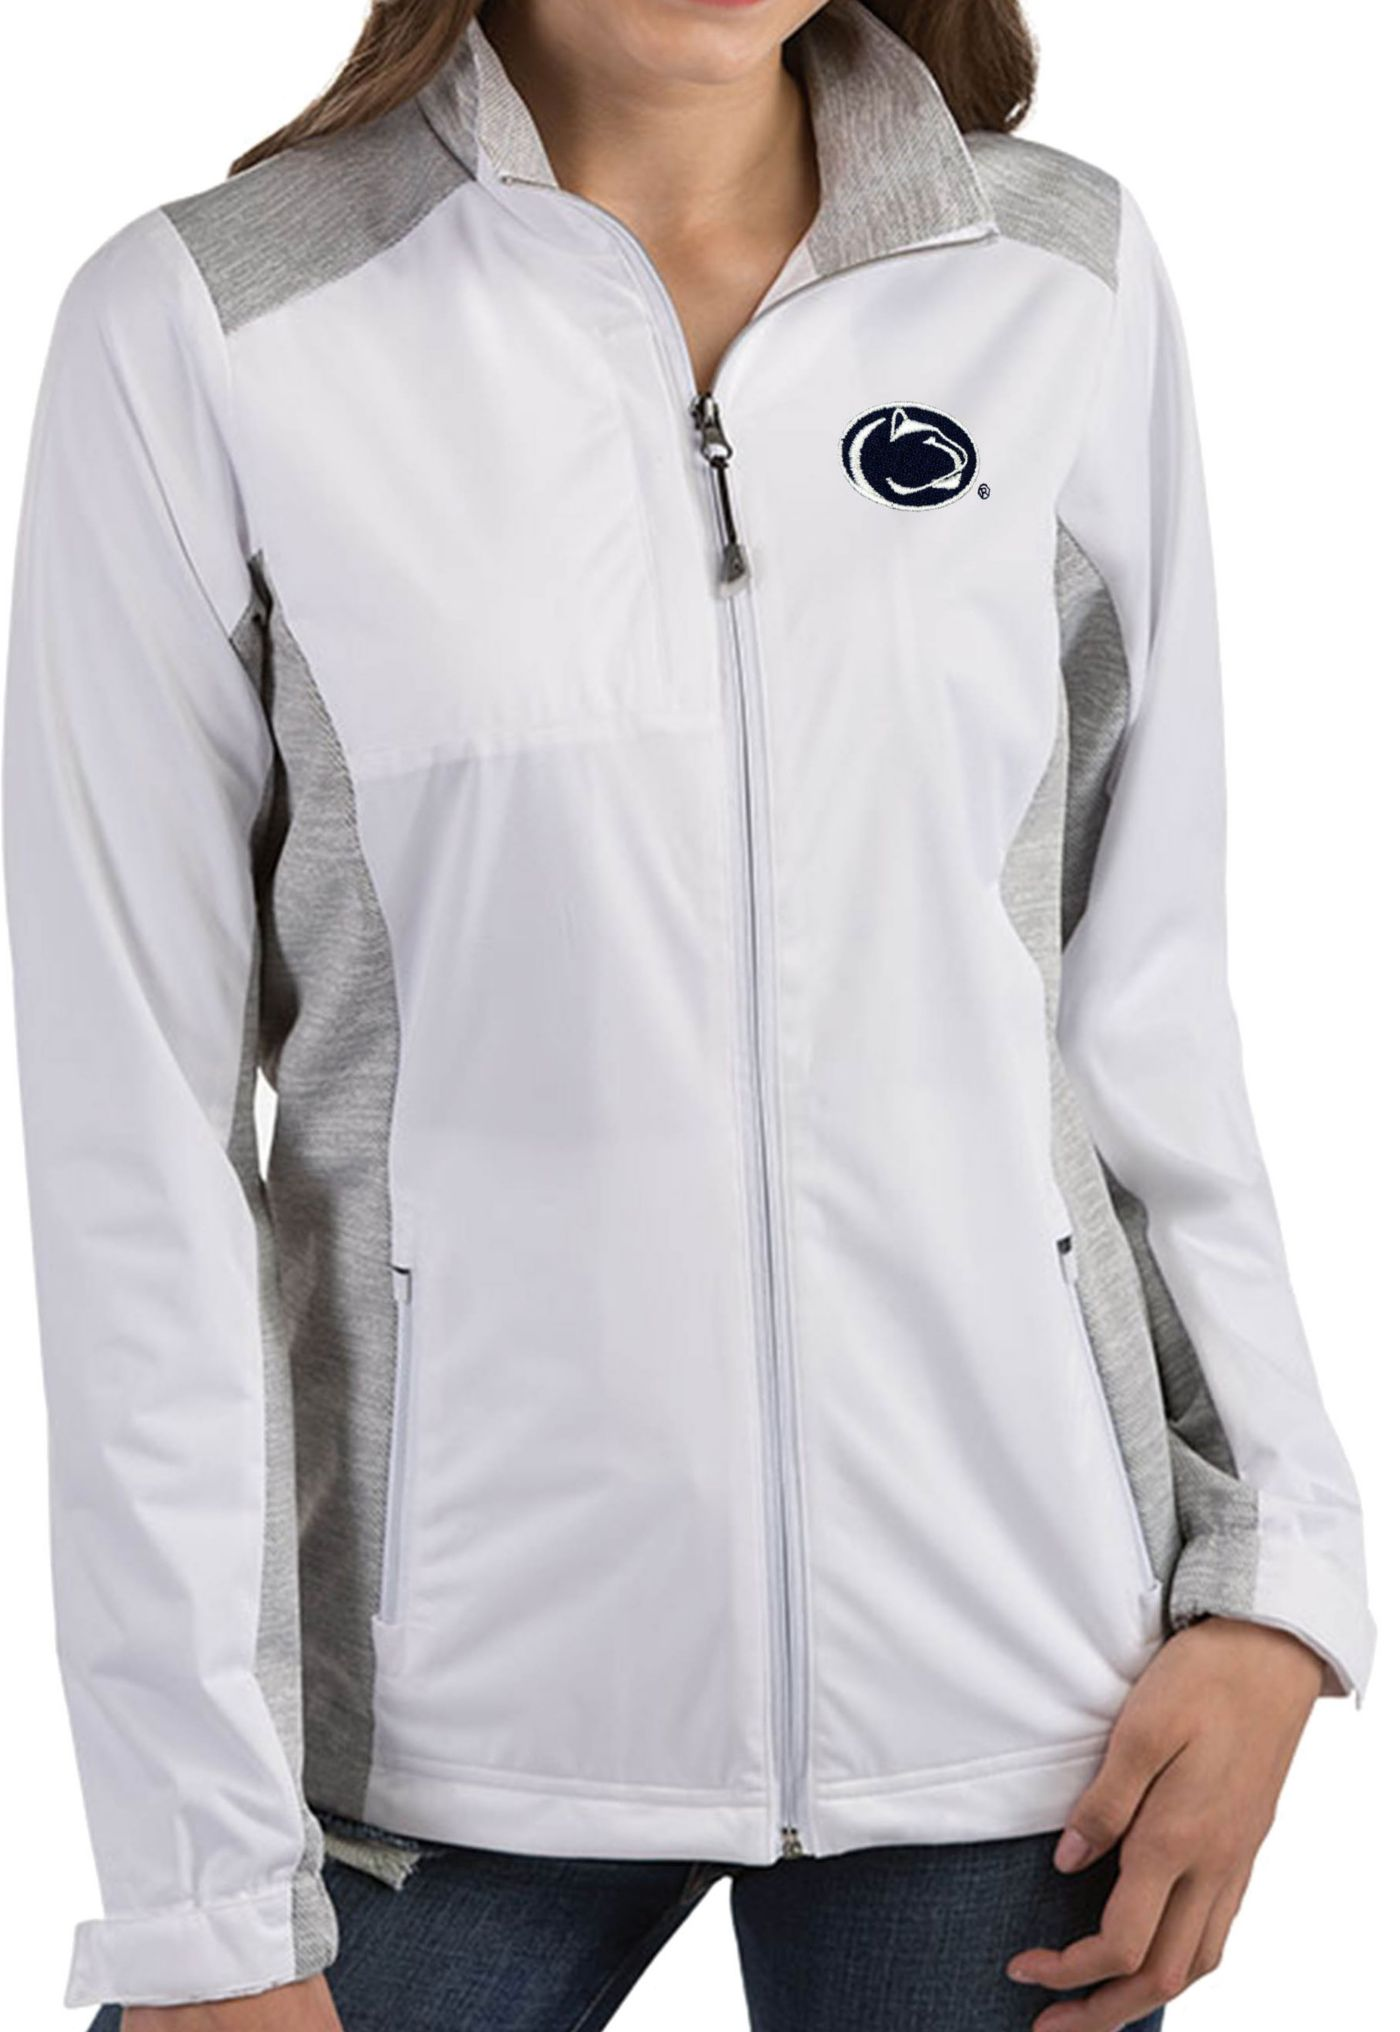 Antigua Women's Penn State Nittany Lions Revolve Full-Zip White Jacket